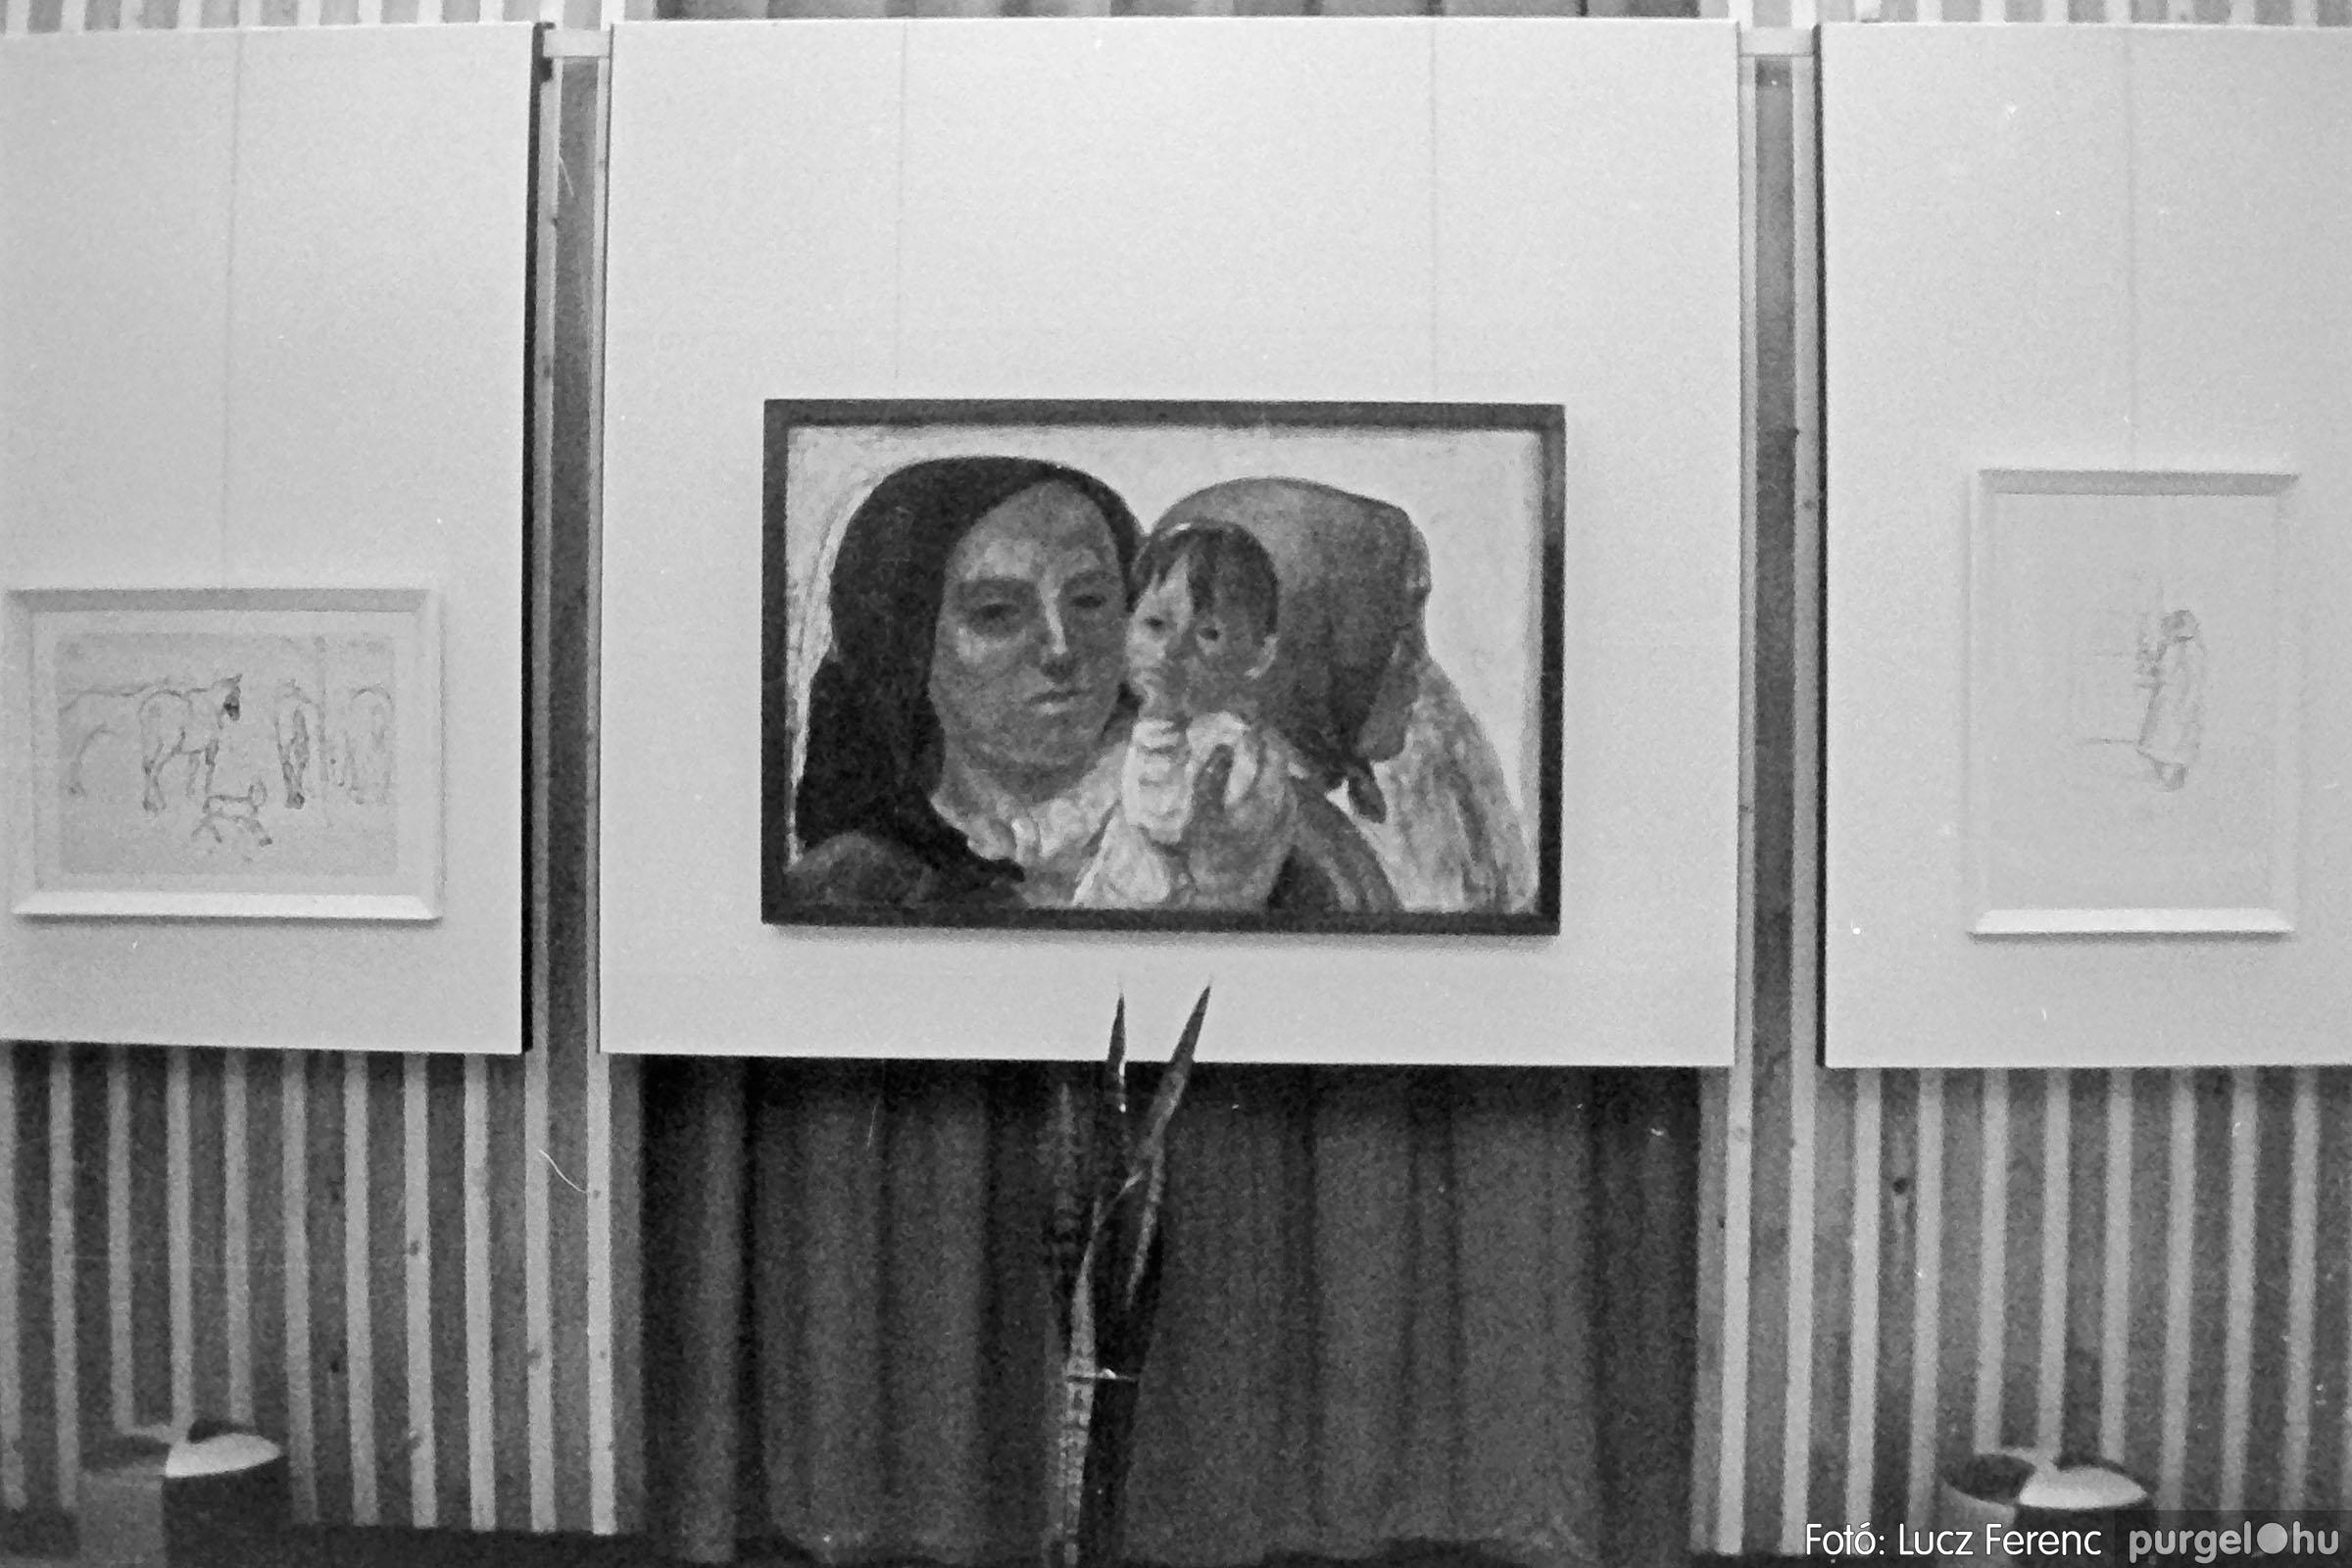 024 1975.10. Németh József és Szalay Ferenc festőművészek kiállítása 014 - Fotó: Lucz Ferenc IMG00214q.jpg